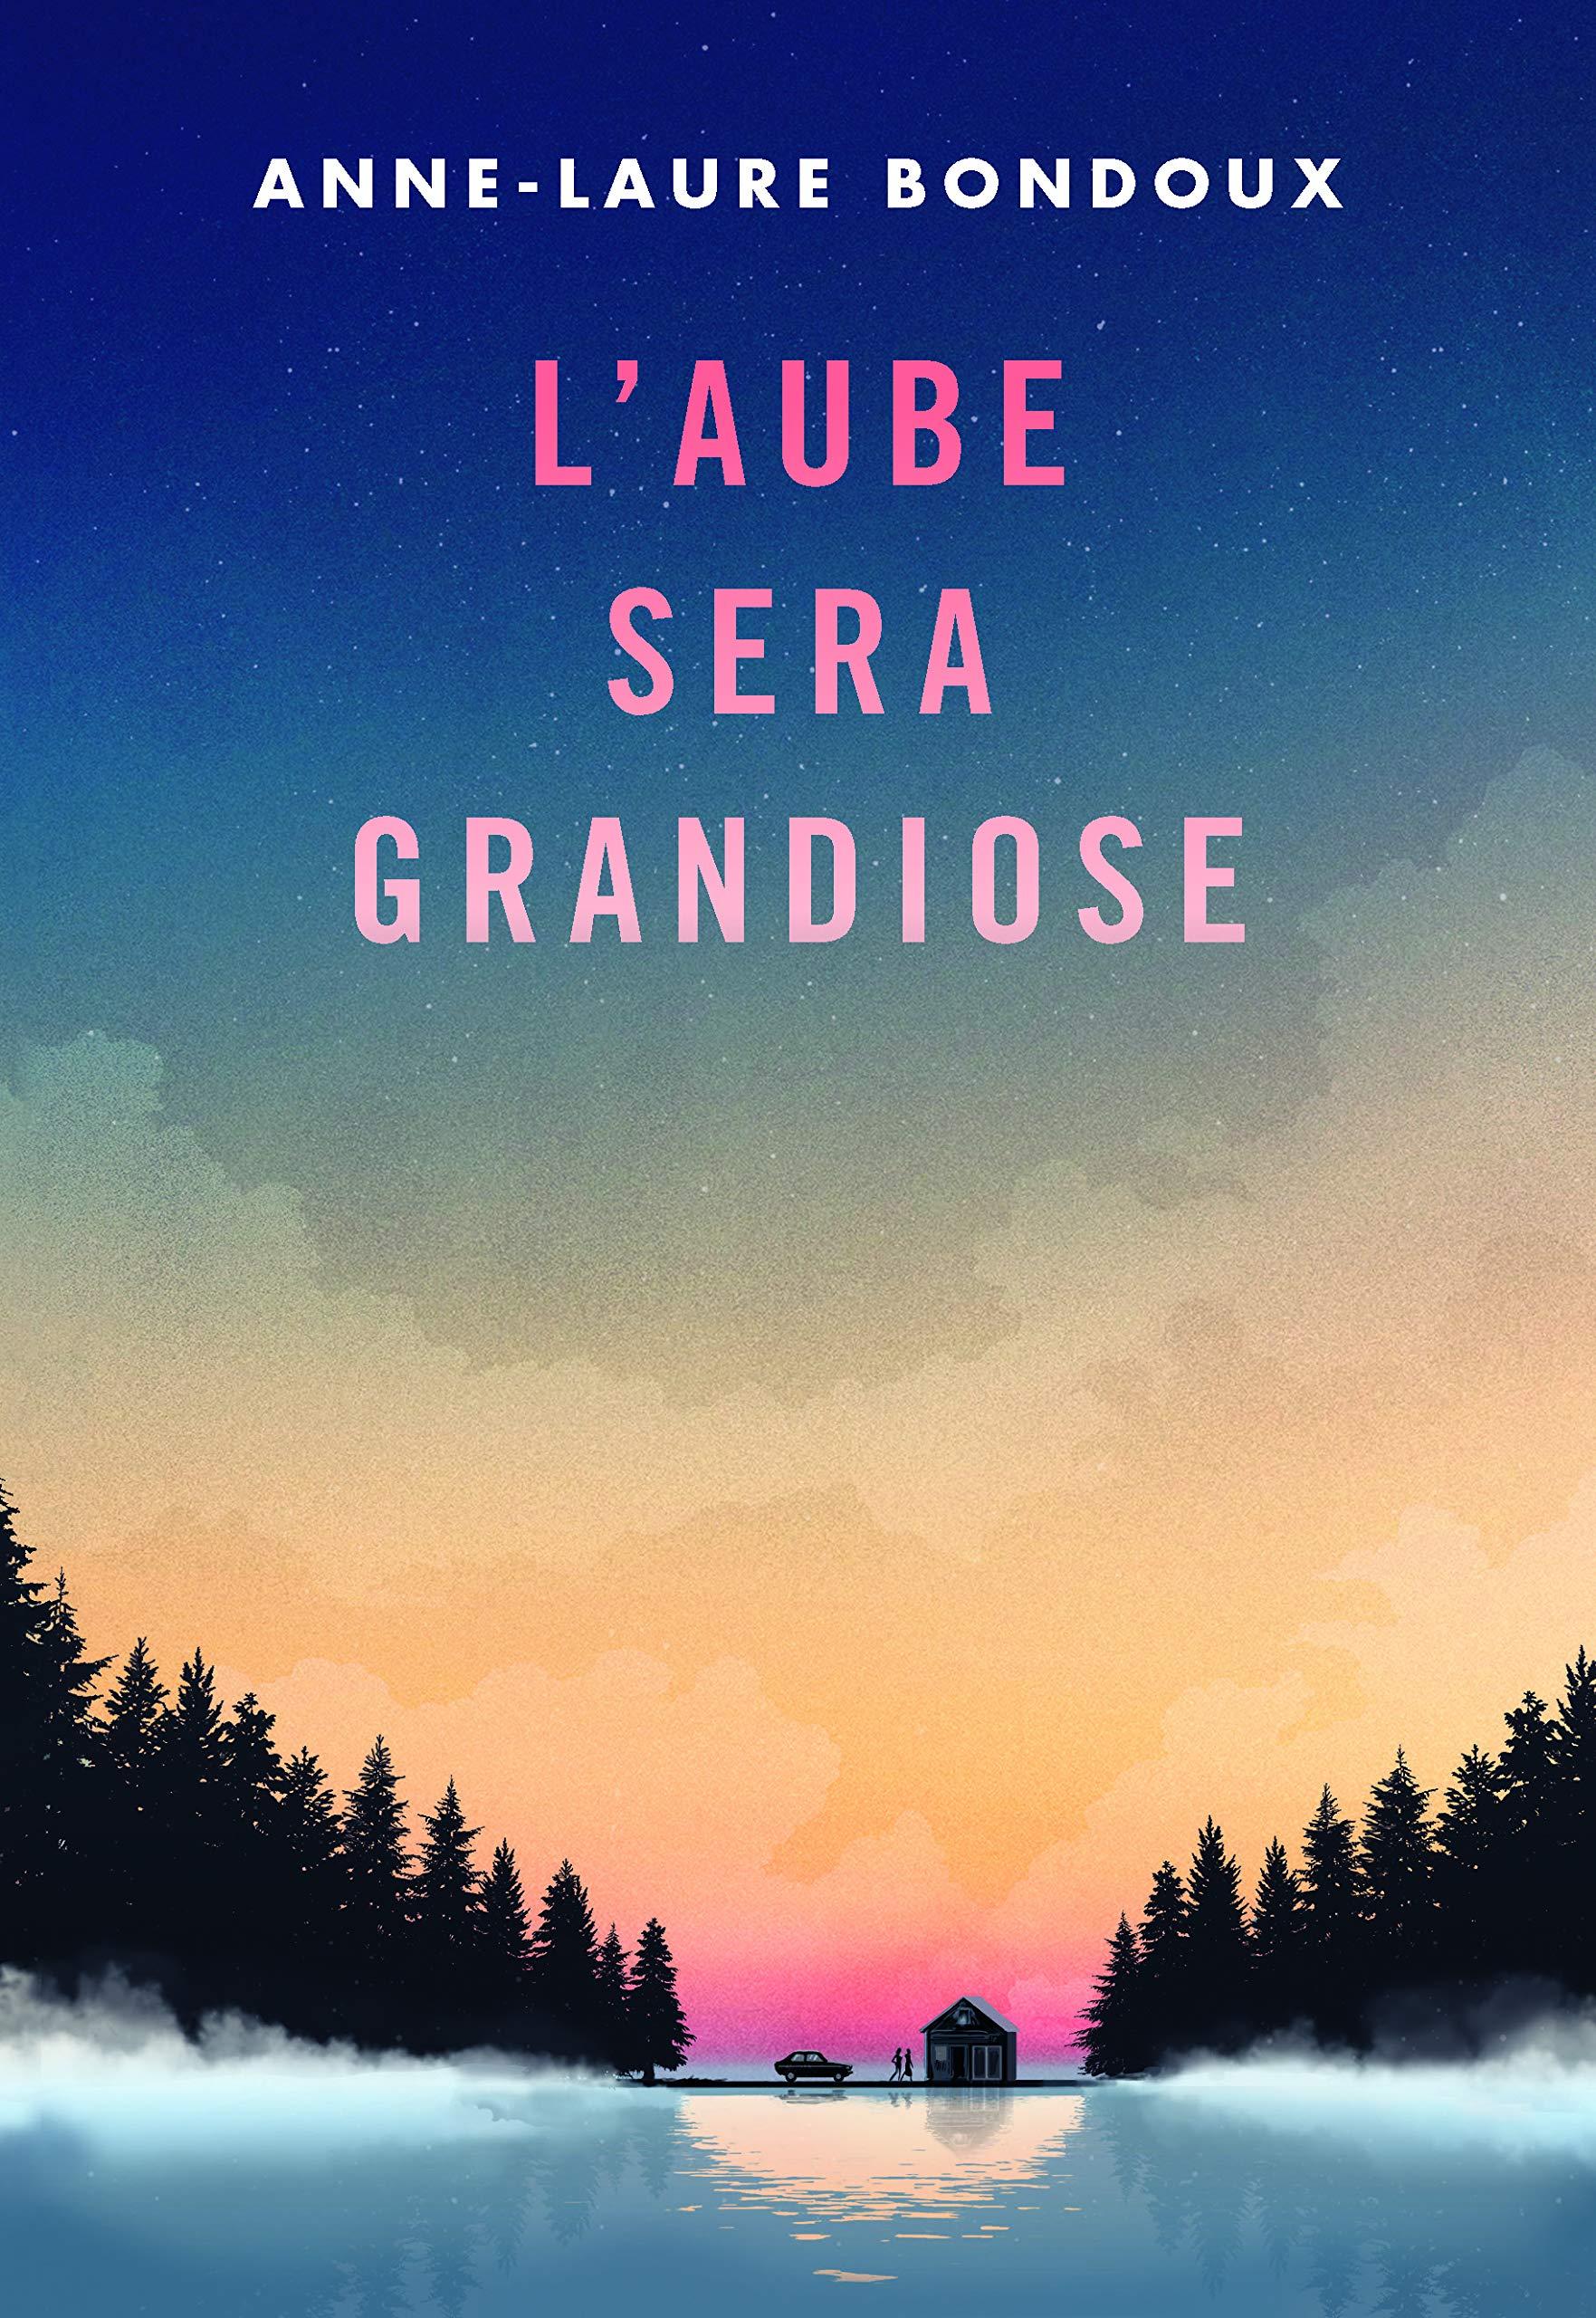 Amazon.fr - L'aube sera grandiose - Bondoux, Anne-Laure, Peyrony, Coline -  Livres